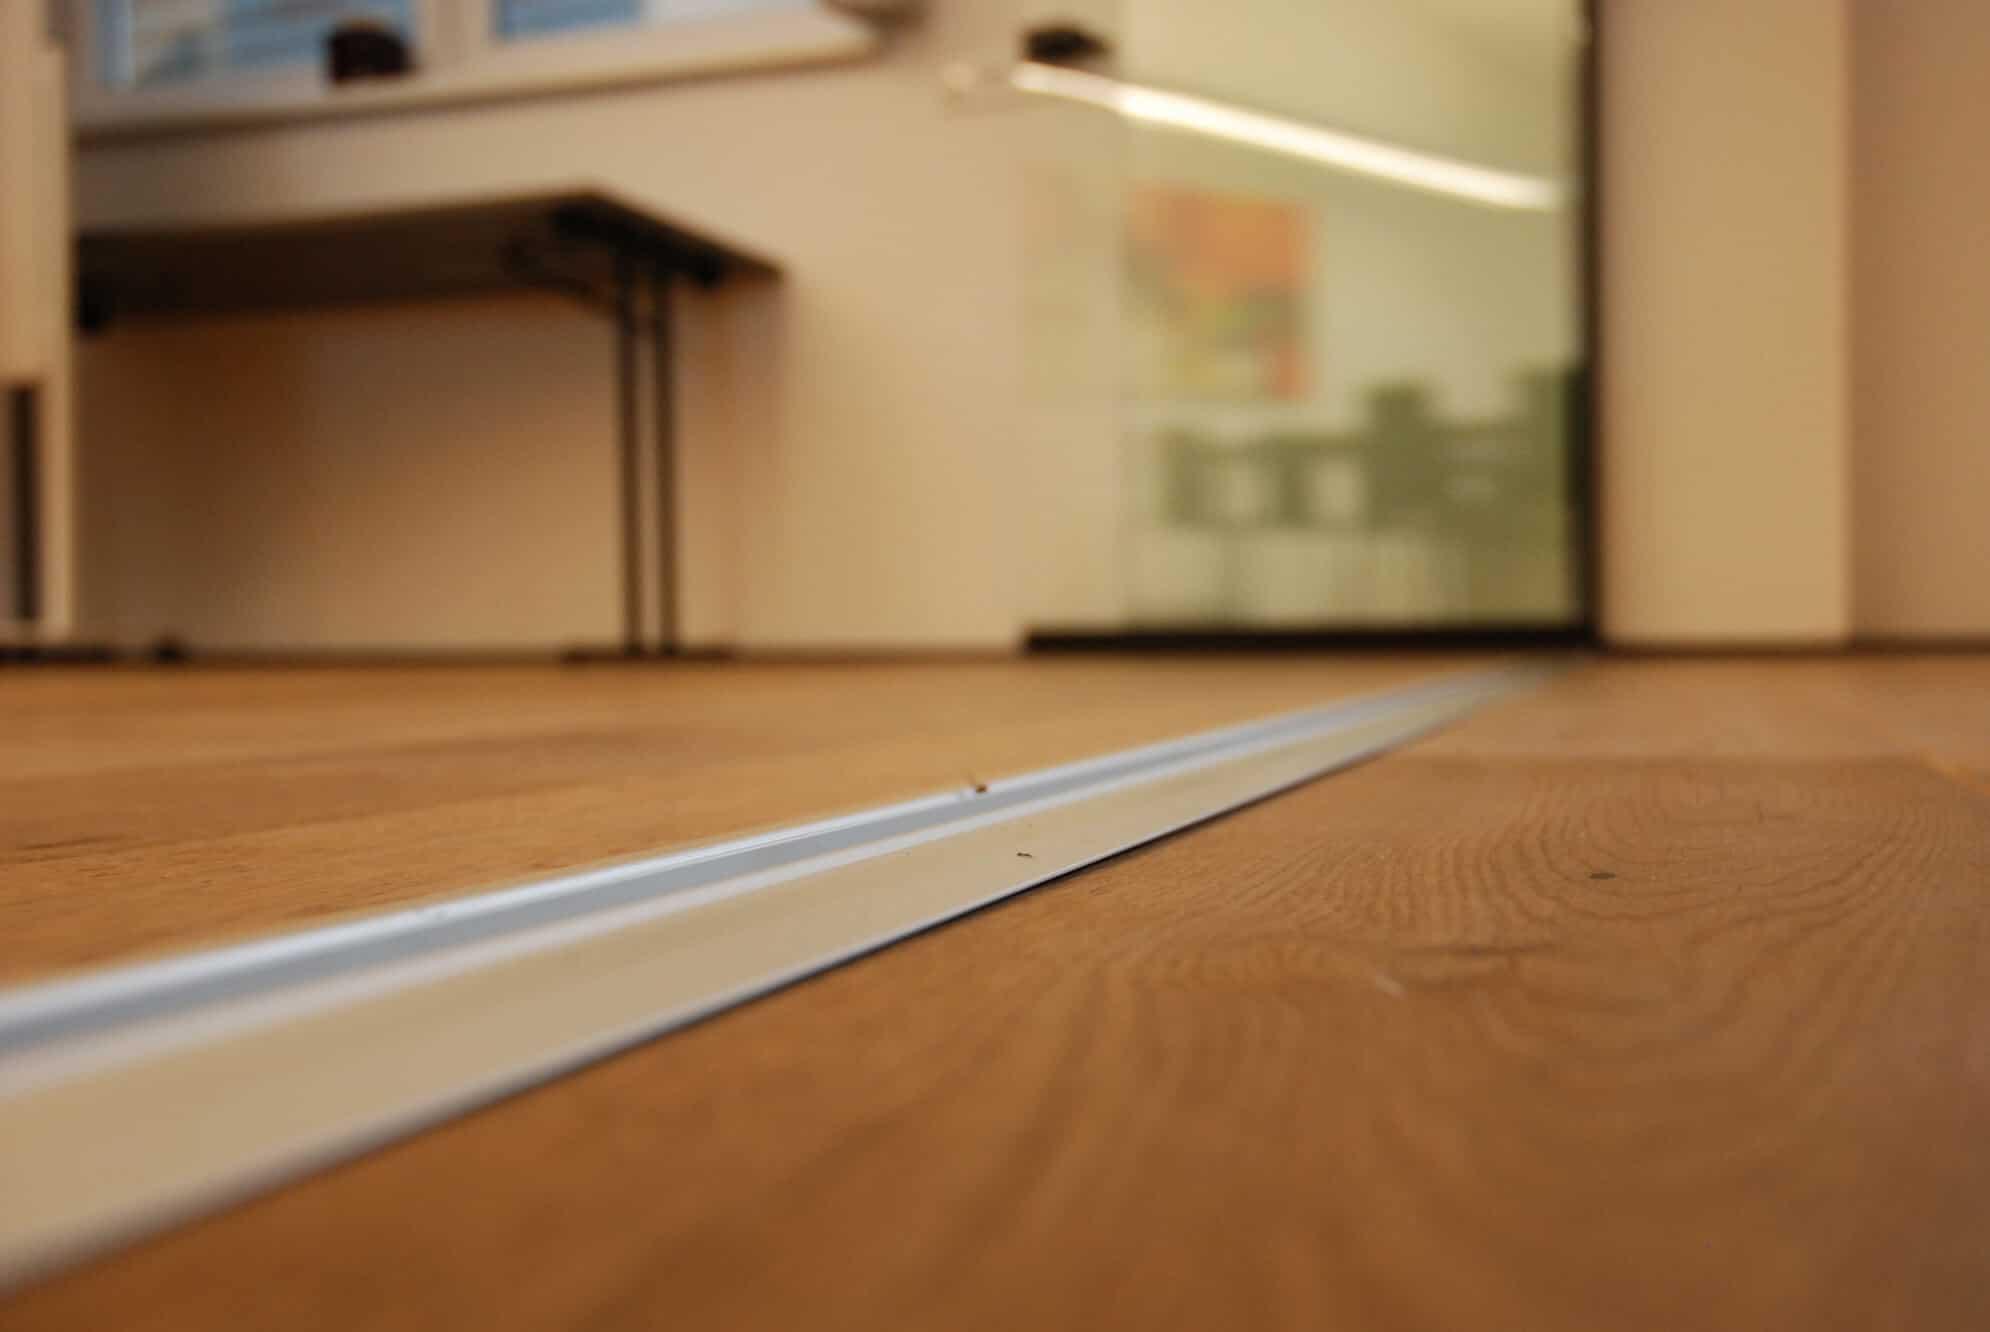 Schiebe-Dreh-Verglasung barrierefrei